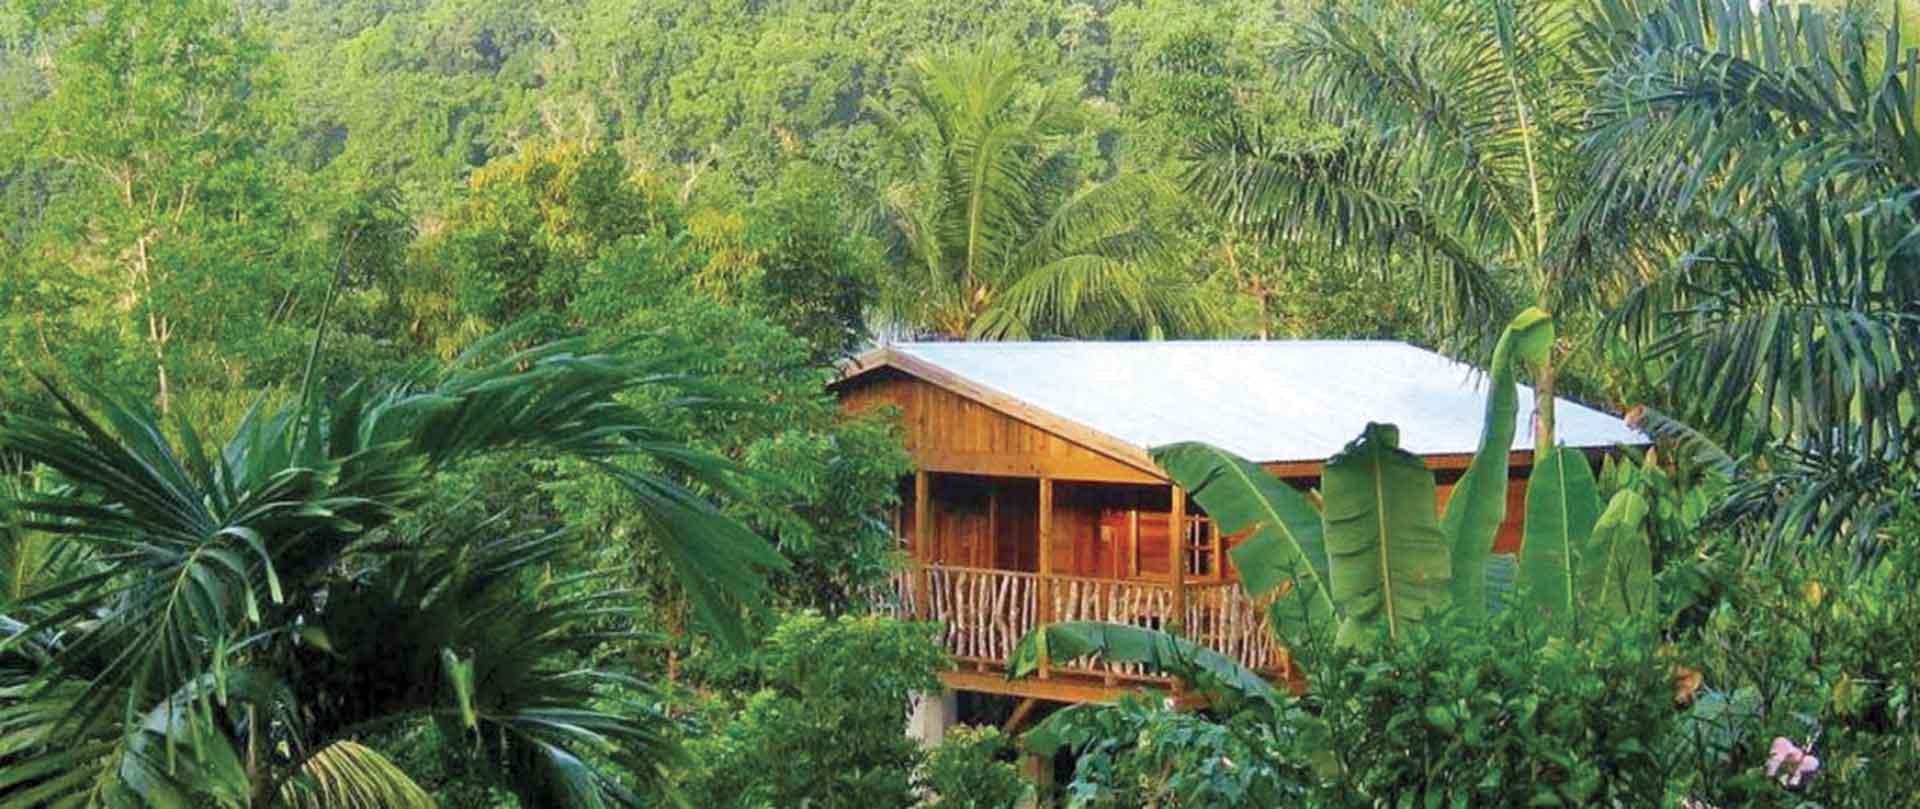 Jamaica destino